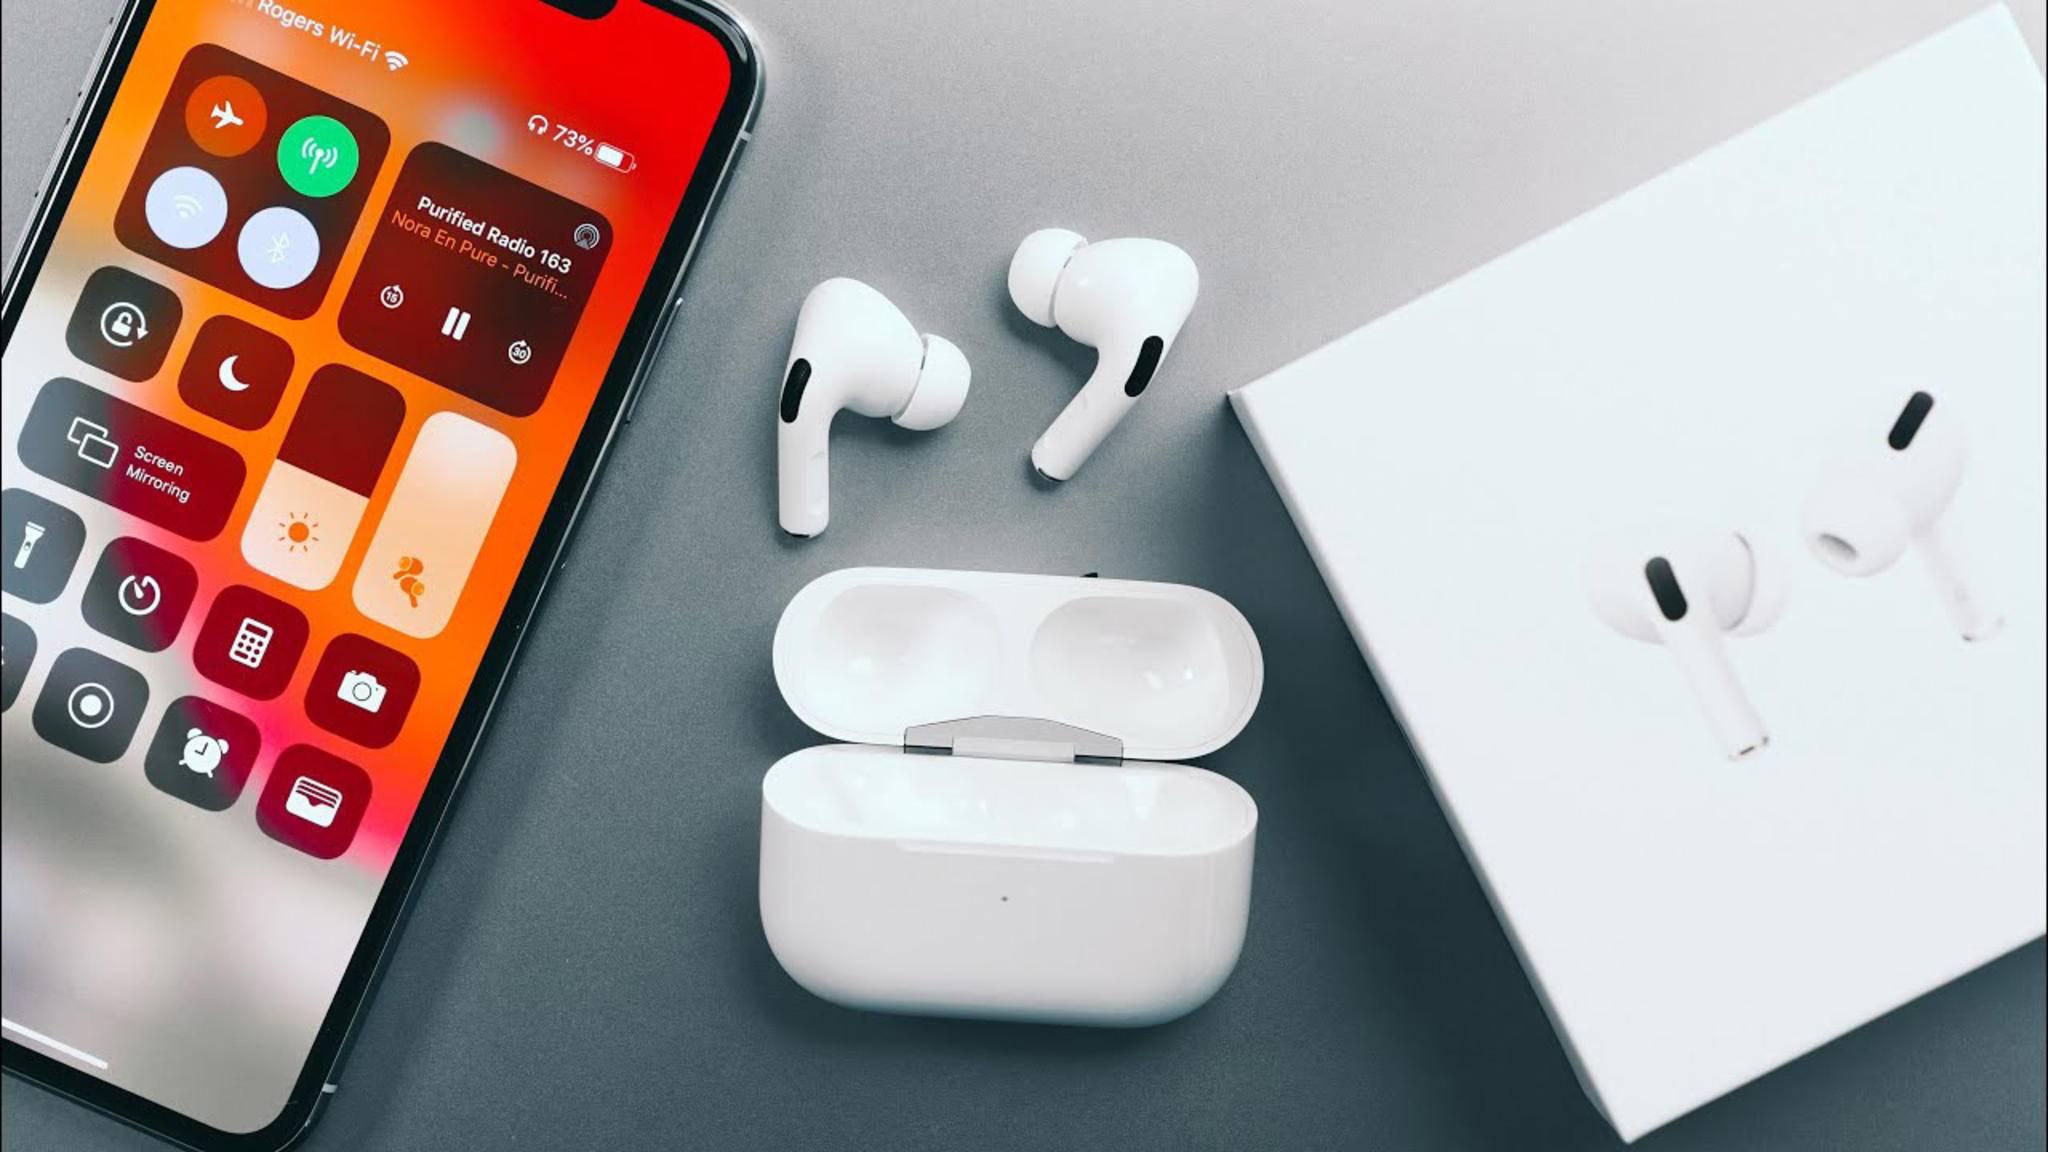 Wir erläutern, wie Du die neuen AirPods Pro mit dem Smartphone verbinden kannst.